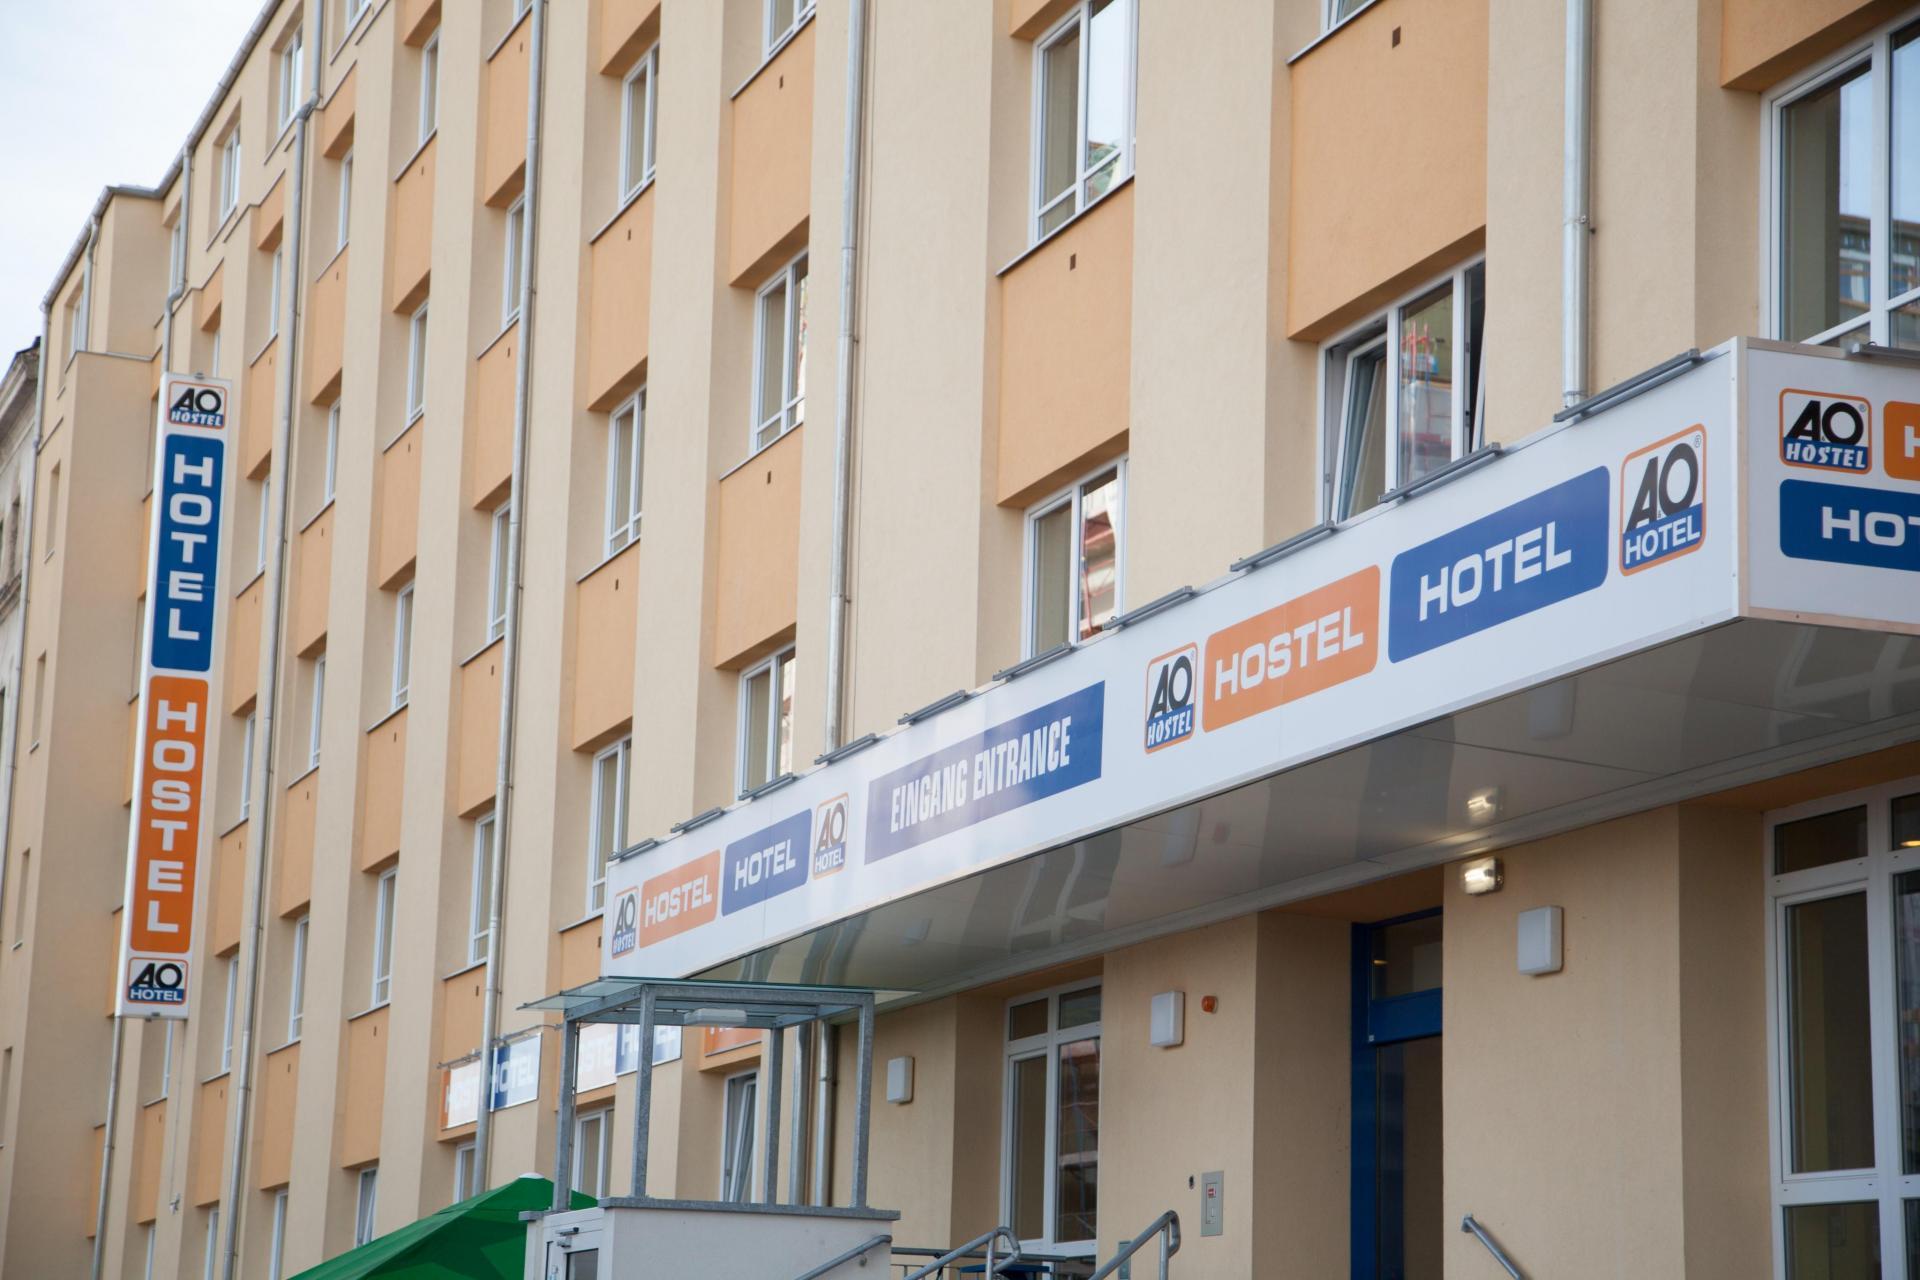 Hostel A&O Wien Hauptbahnhof